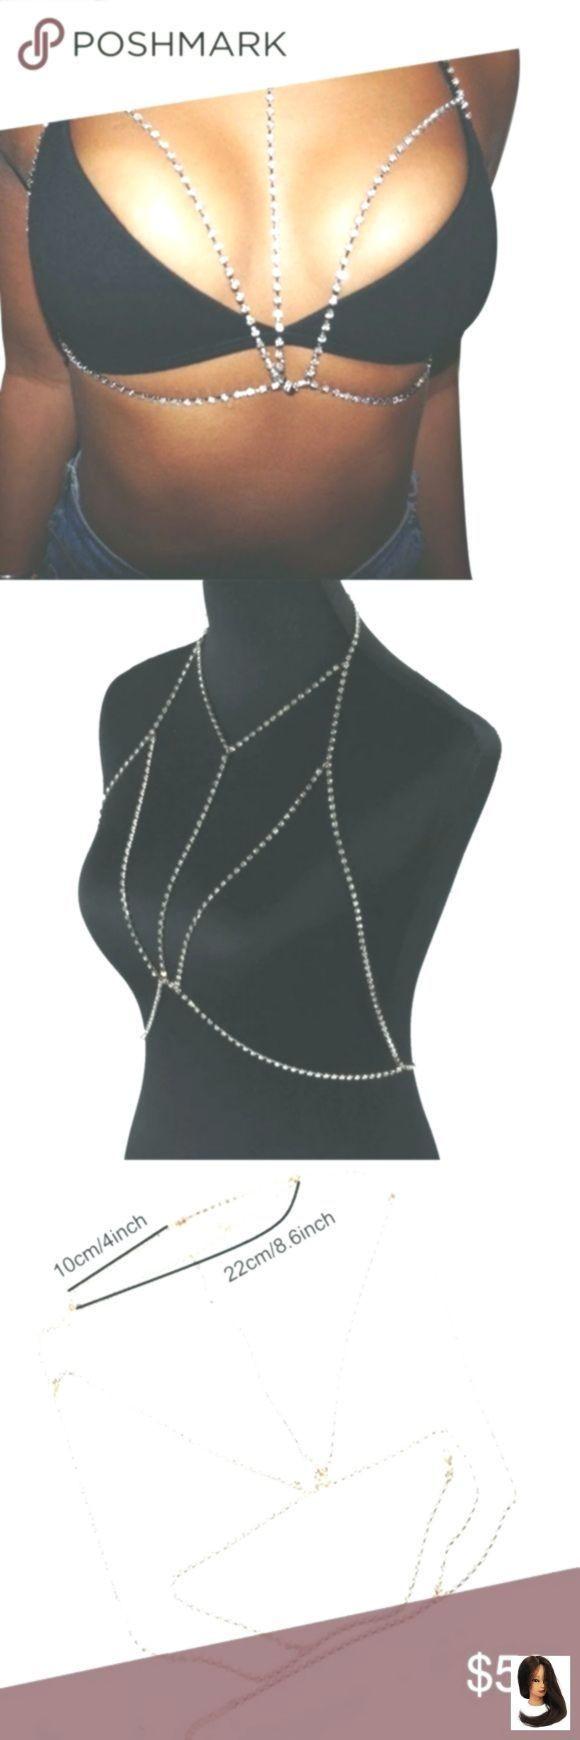 Body Jewelry Coachella  Adjustabl Body Body Jewelry coachella bra Diamond